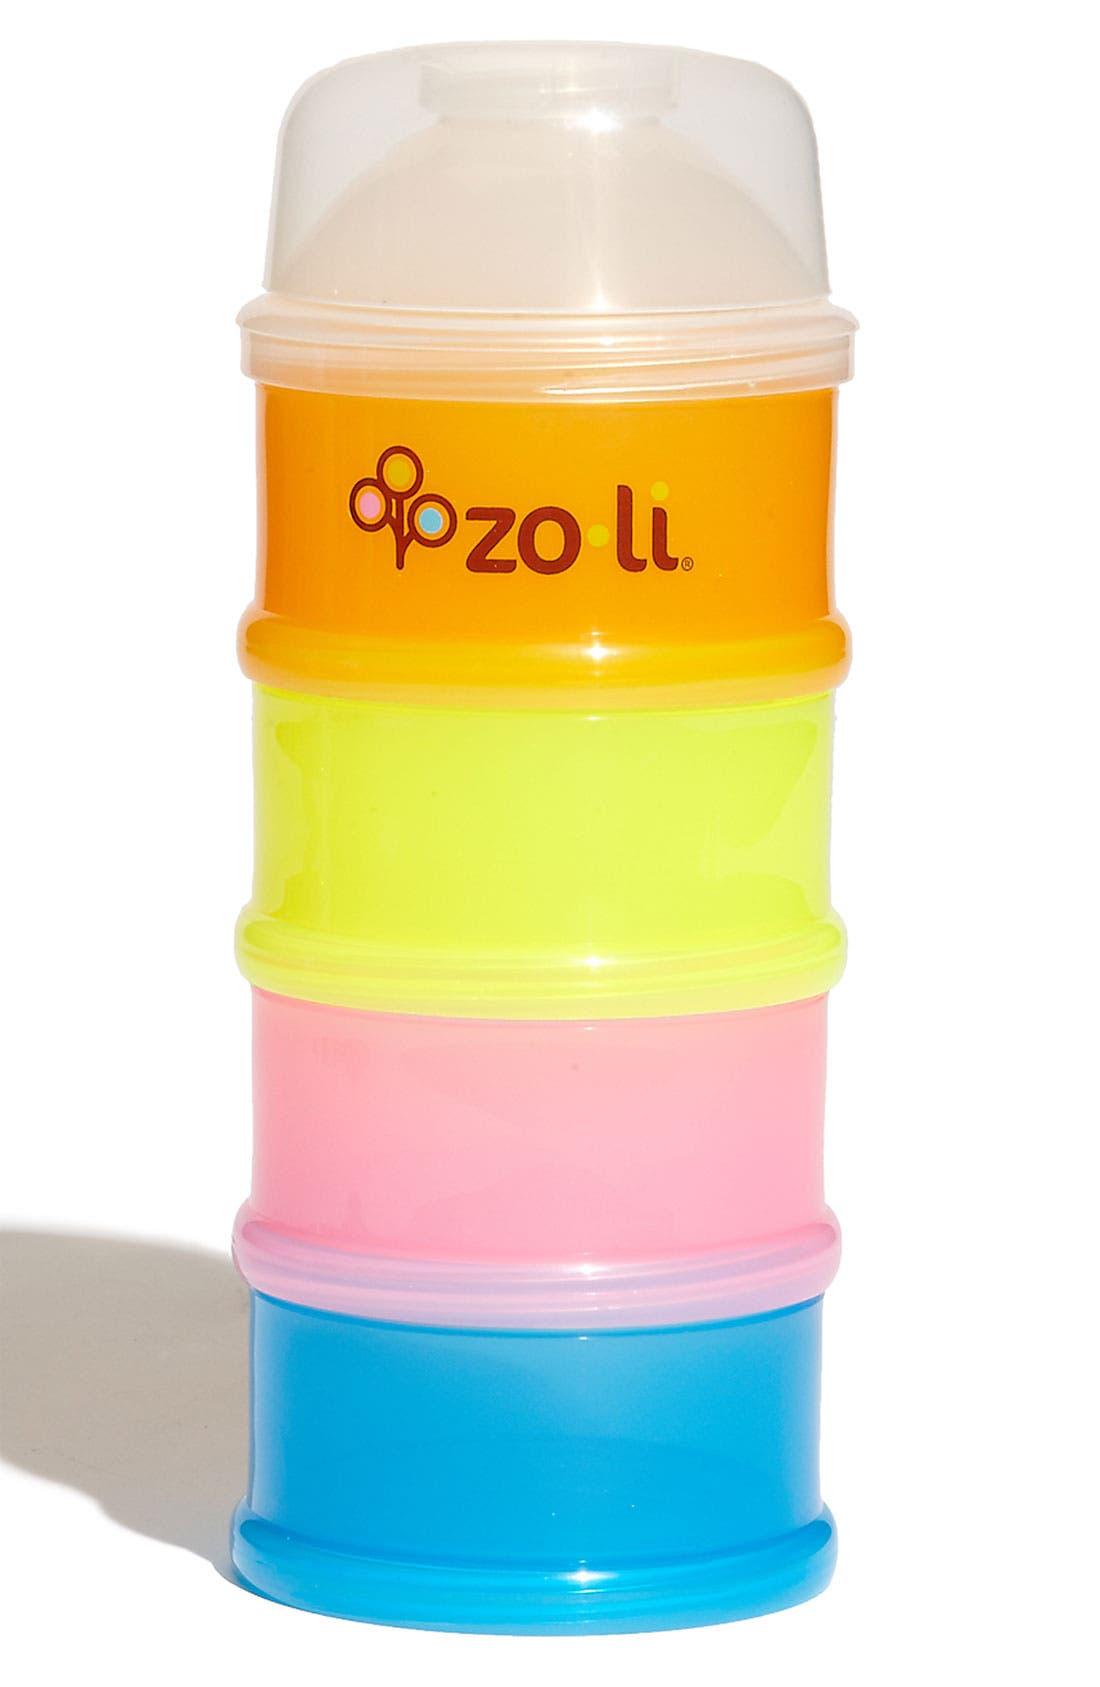 ZoLi 'On the Go' Snack & Formula Dispenser